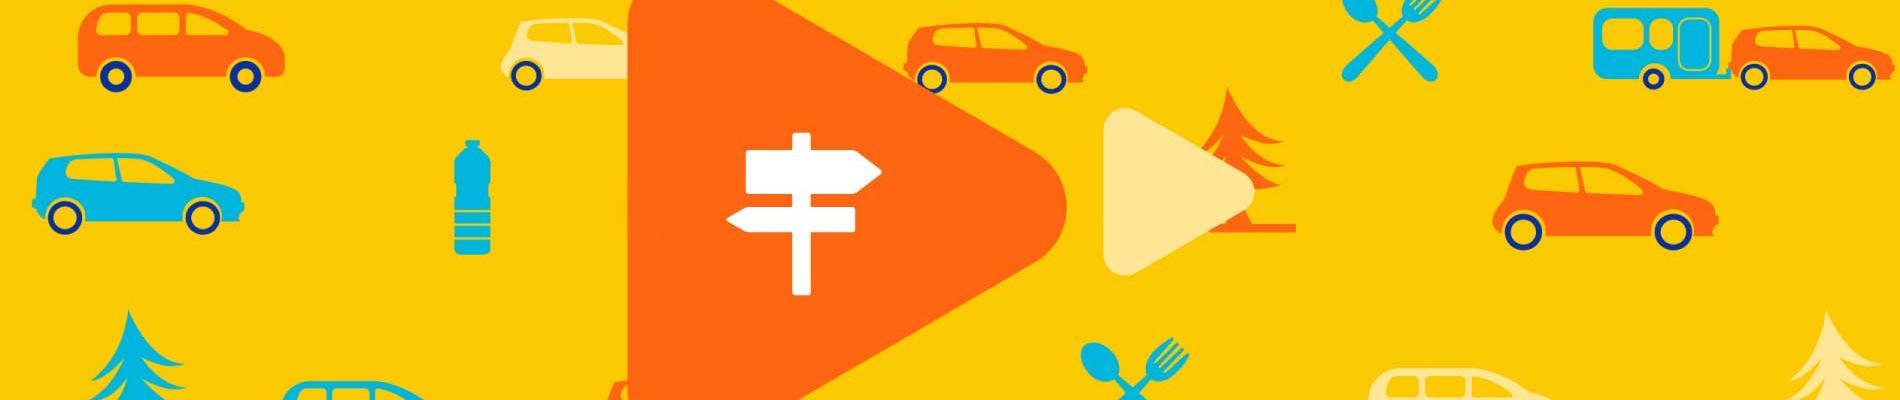 Etude : l'influence de l'alimentation sur la vigilance du conducteur & Campagne de sensibilisation aux dangers sur la route